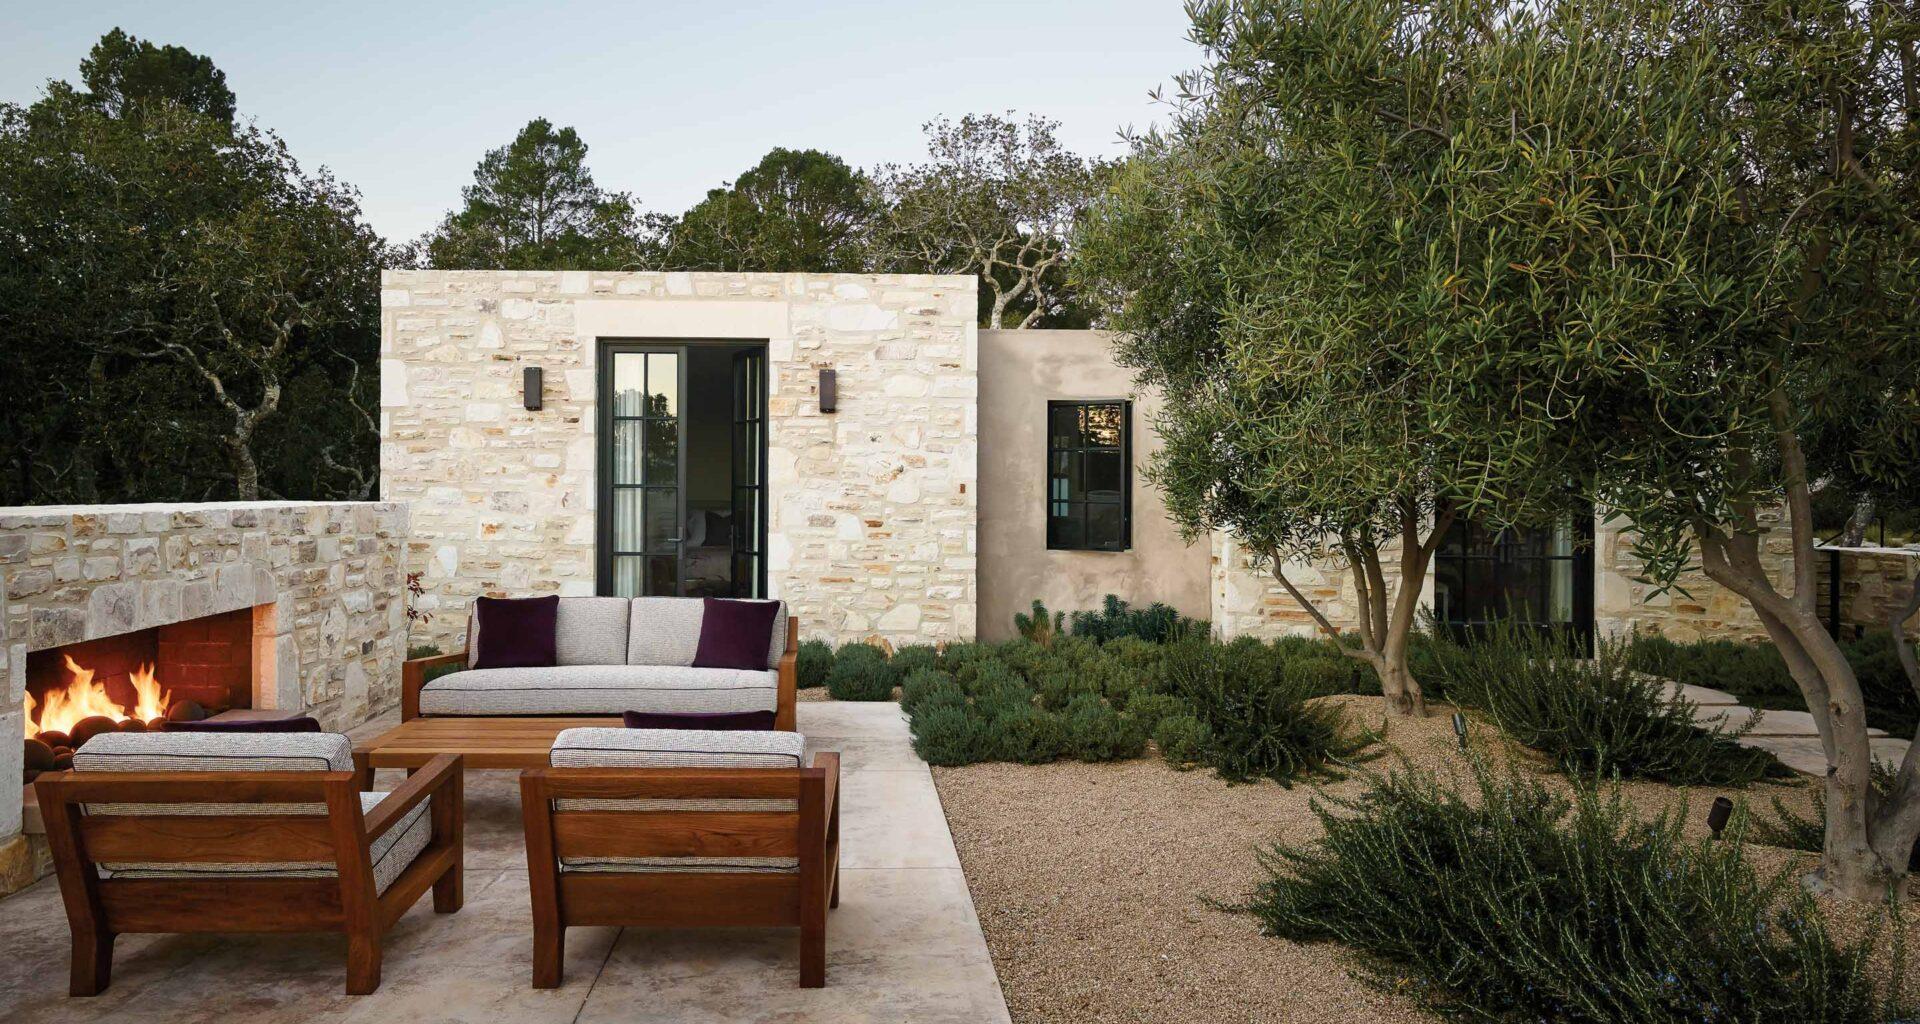 Carmel-by-the-Sea, Architect, Mary Ann Schicketanz, Studio Schicketanz, architecture